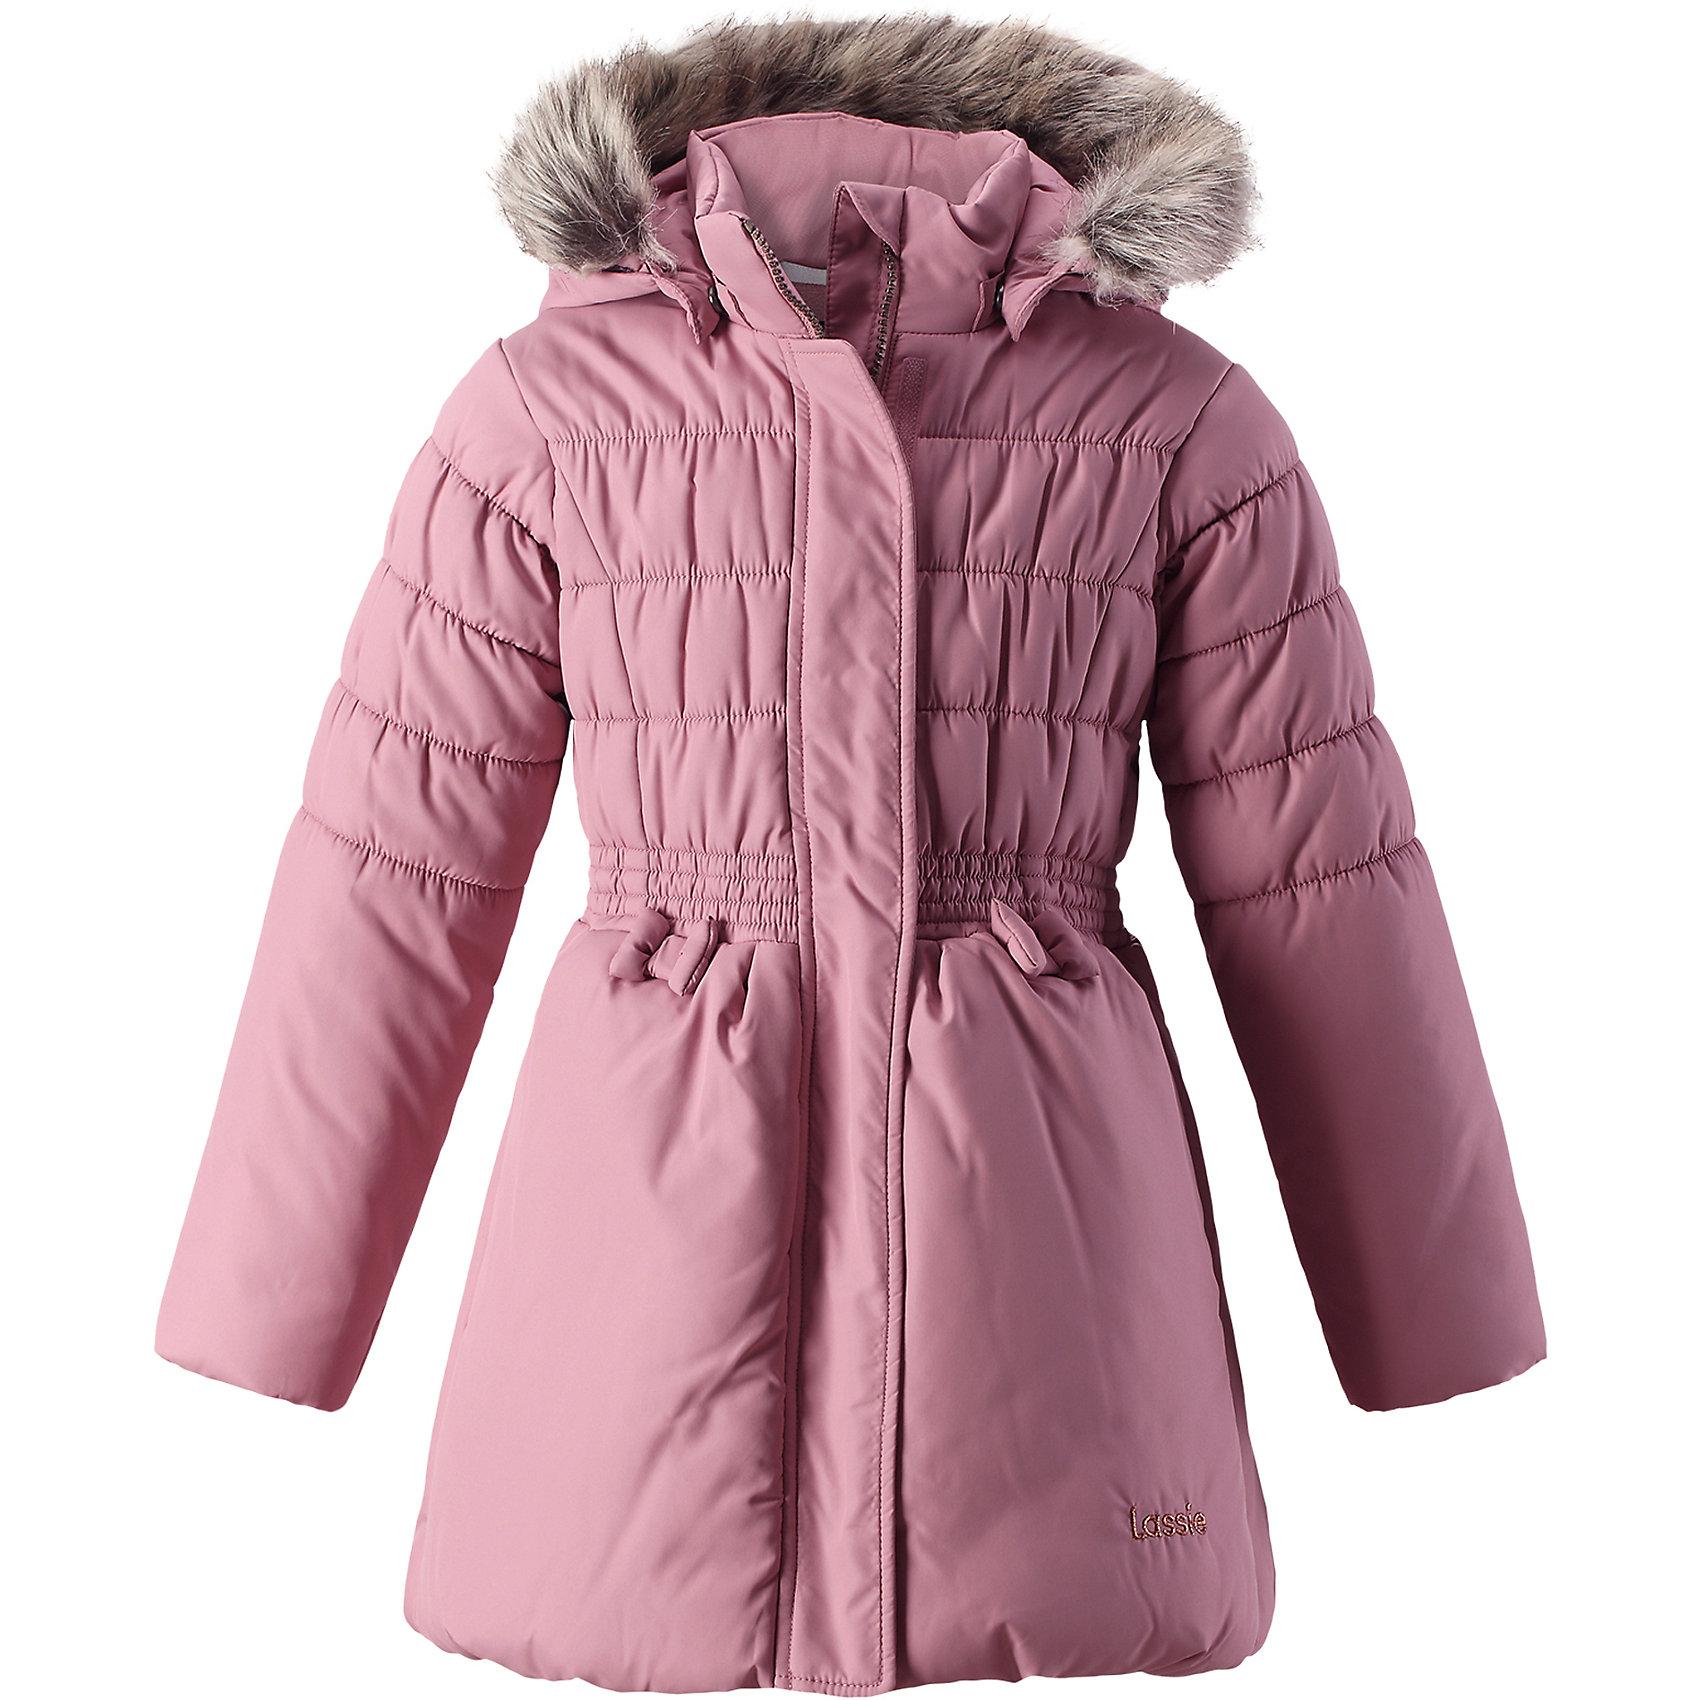 Куртка Lassie для девочкиОдежда<br>Характеристики товара:<br><br>• цвет: розовый;<br>• состав: 100% полиэстер, полиуретановое покрытие;<br>• подкладка: 100% полиэстер;<br>• утеплитель: 200 г/м2;<br>• сезон: зима;<br>• температурный режим: от 0 до -25С;<br>• водонепроницаемость: 1000 мм;<br>• воздухопроницаемость: 1000 мм;<br>• износостойкость: 20000 циклов (тест Мартиндейла);<br>• особенности: с мехом, стеганая;<br>• застежка: молния с дополнительной защитной планкой и защитой подбородка;<br>• водоотталкивающий, ветронепроницаемый и дышащий материал;<br>• гладкая подкладка из полиэстера;<br>• безопасный съемный капюшон; <br>• съемный искусственный мех на капюшоне;<br>• эластичные манжеты рукавов; <br>• эластичная кромка подола;<br>• карманы в боковых швах;<br>• светоотражающие детали;<br>• страна бренда: Финляндия;<br>• страна изготовитель: Китай;<br><br>Чудесная куртка на зимние холода! Эта зимняя куртка сшита из водоотталкивающего, ветронепроницаемого и дышащего материала. Она снабжена безопасным съемным капюшоном, а съемная оторочка из искусственного меха оживляет образ.<br><br>Куртку Lassie (Ласси) для девочки можно купить в нашем интернет-магазине.<br><br>Ширина мм: 356<br>Глубина мм: 10<br>Высота мм: 245<br>Вес г: 519<br>Цвет: розовый<br>Возраст от месяцев: 108<br>Возраст до месяцев: 120<br>Пол: Женский<br>Возраст: Детский<br>Размер: 140,92,98,104,110,116,122,128,134<br>SKU: 6927631